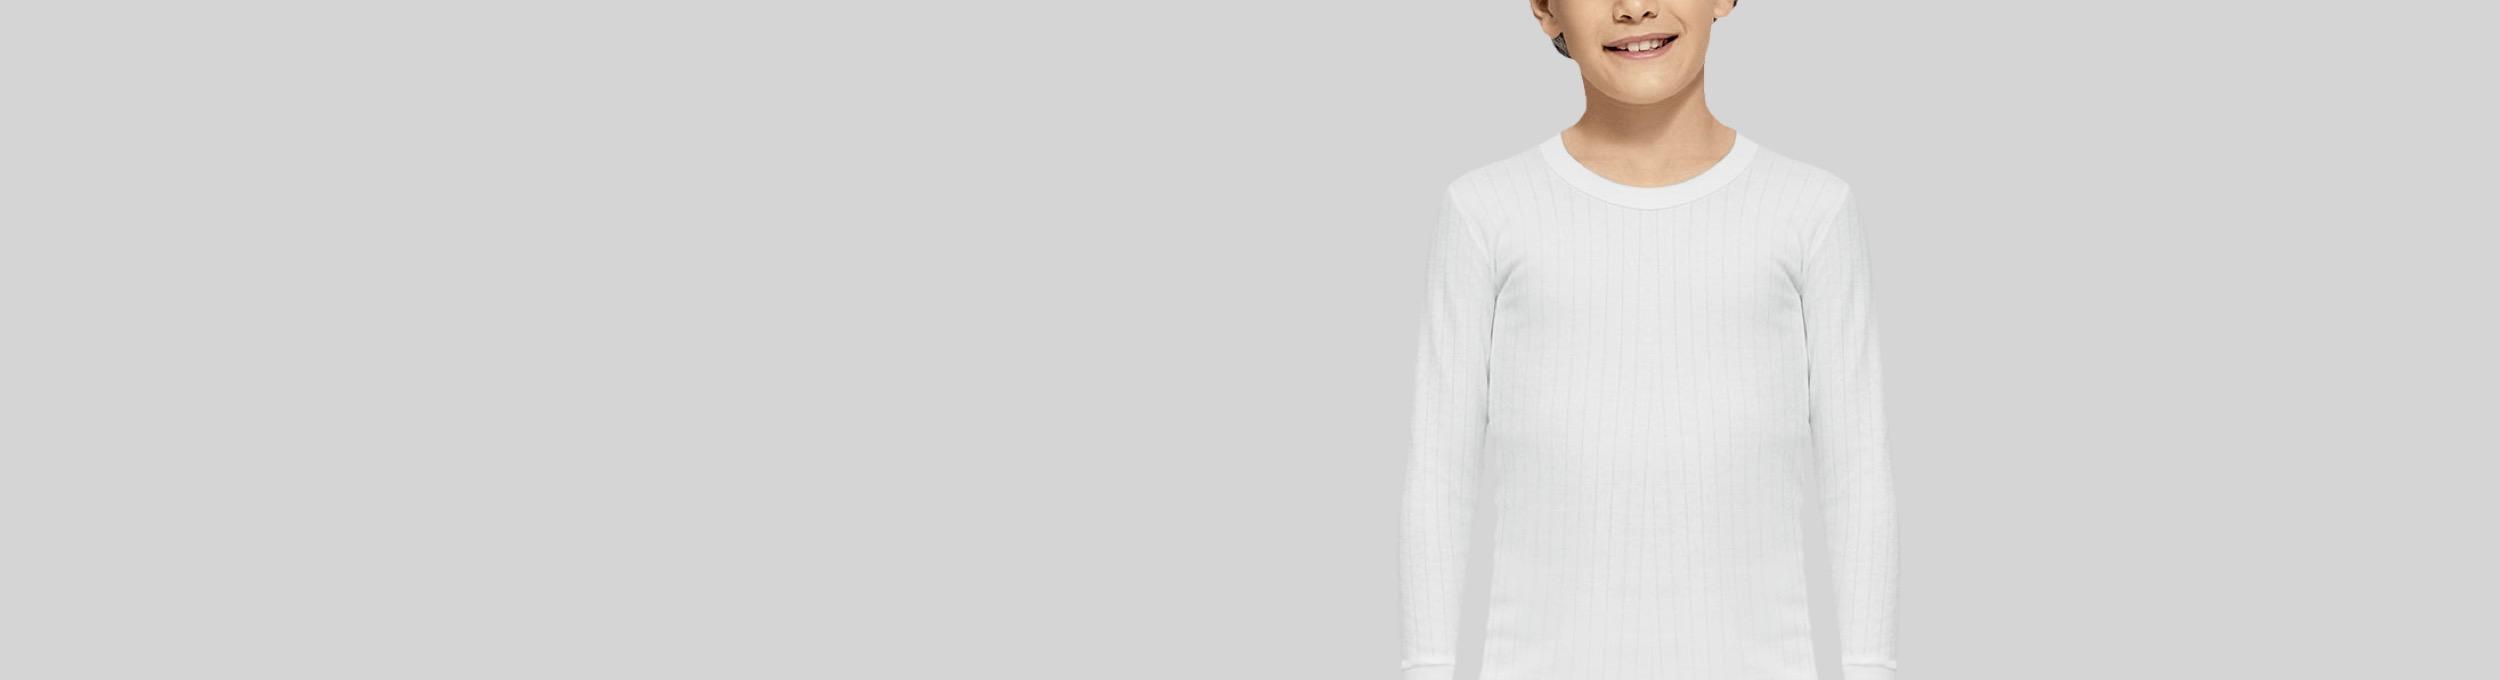 Camisetas interiores de niños manga larga de Abanderado